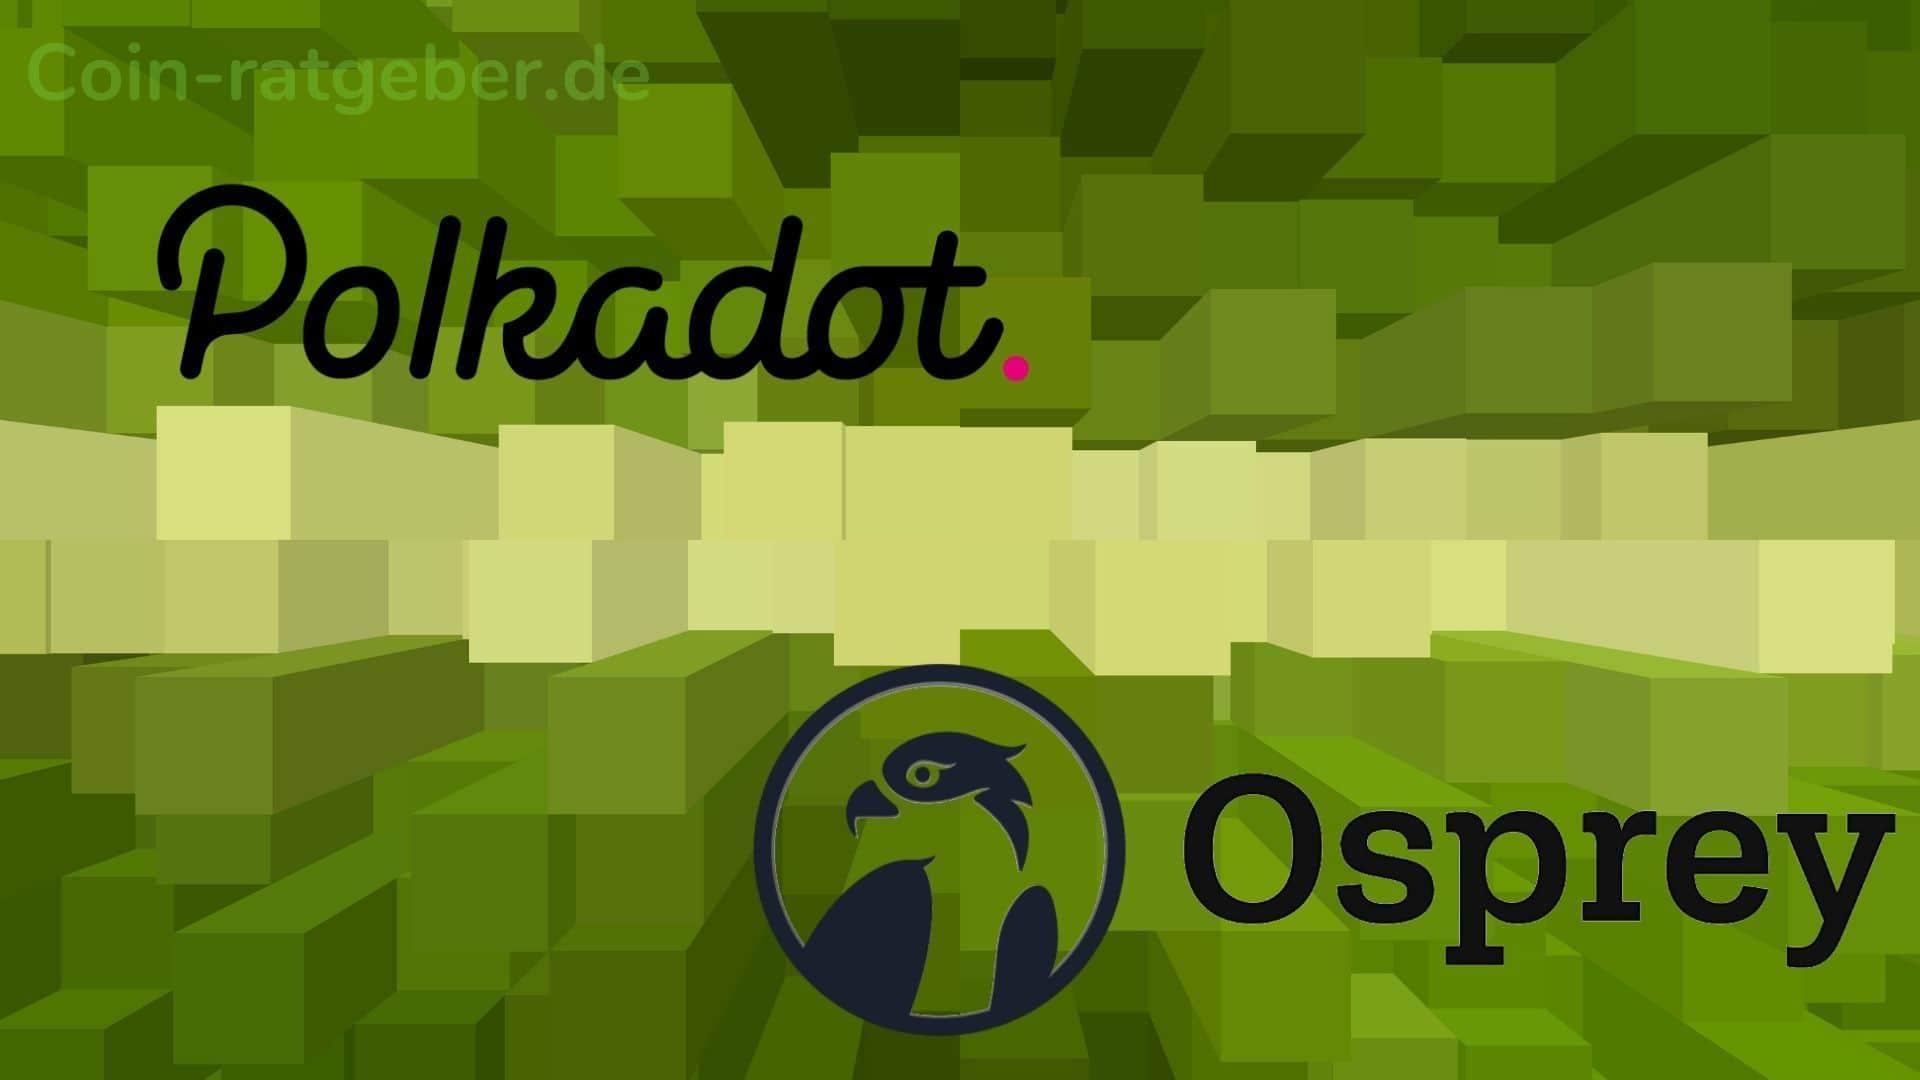 Polkadot Osprey